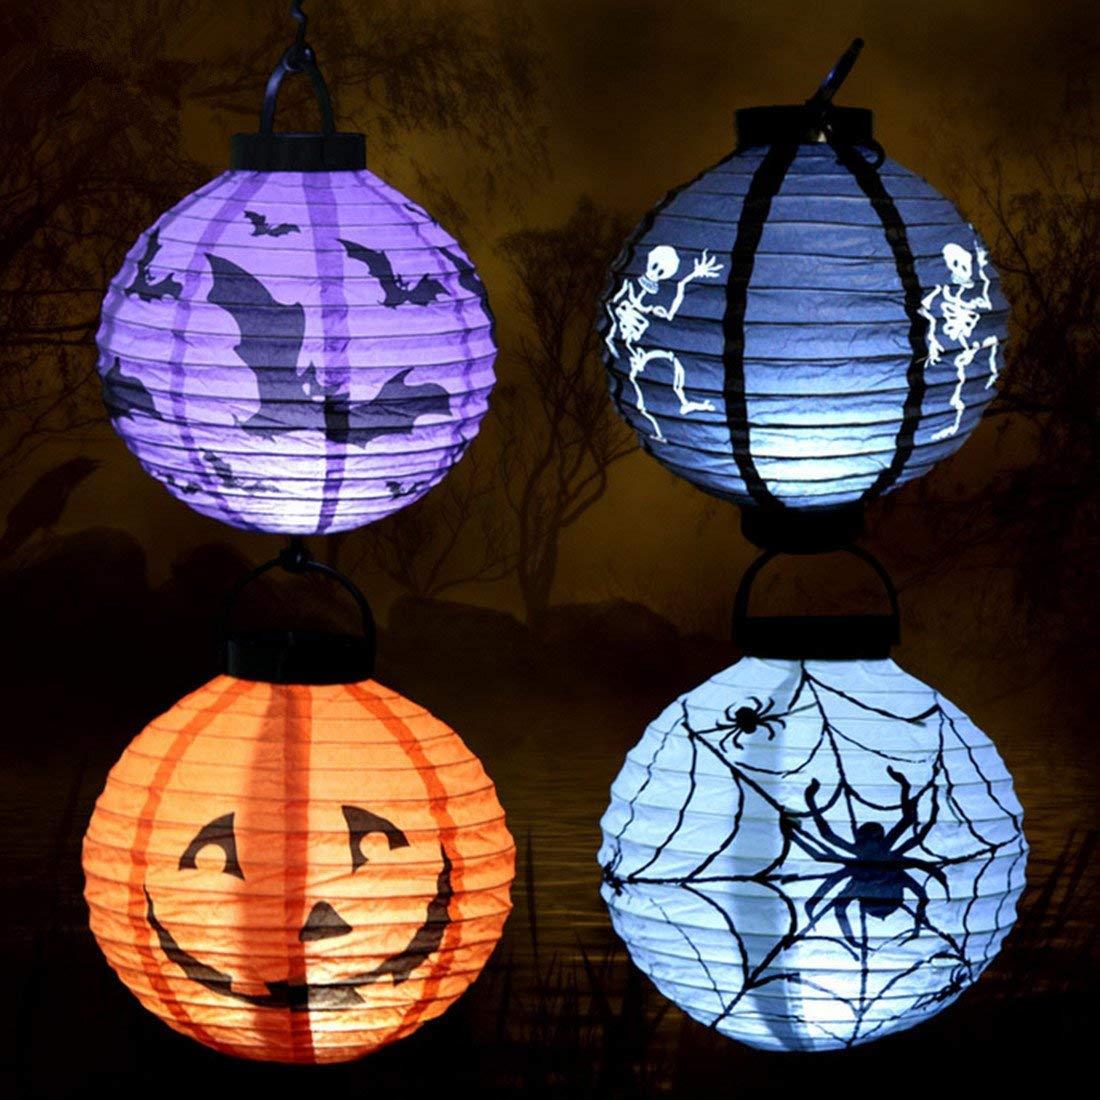 Halloween Araignée de Simulation Peluche 120cm Décoration Halloween pour Décrorer Chambre Jardin Bar Miyare XQ-JJL-005